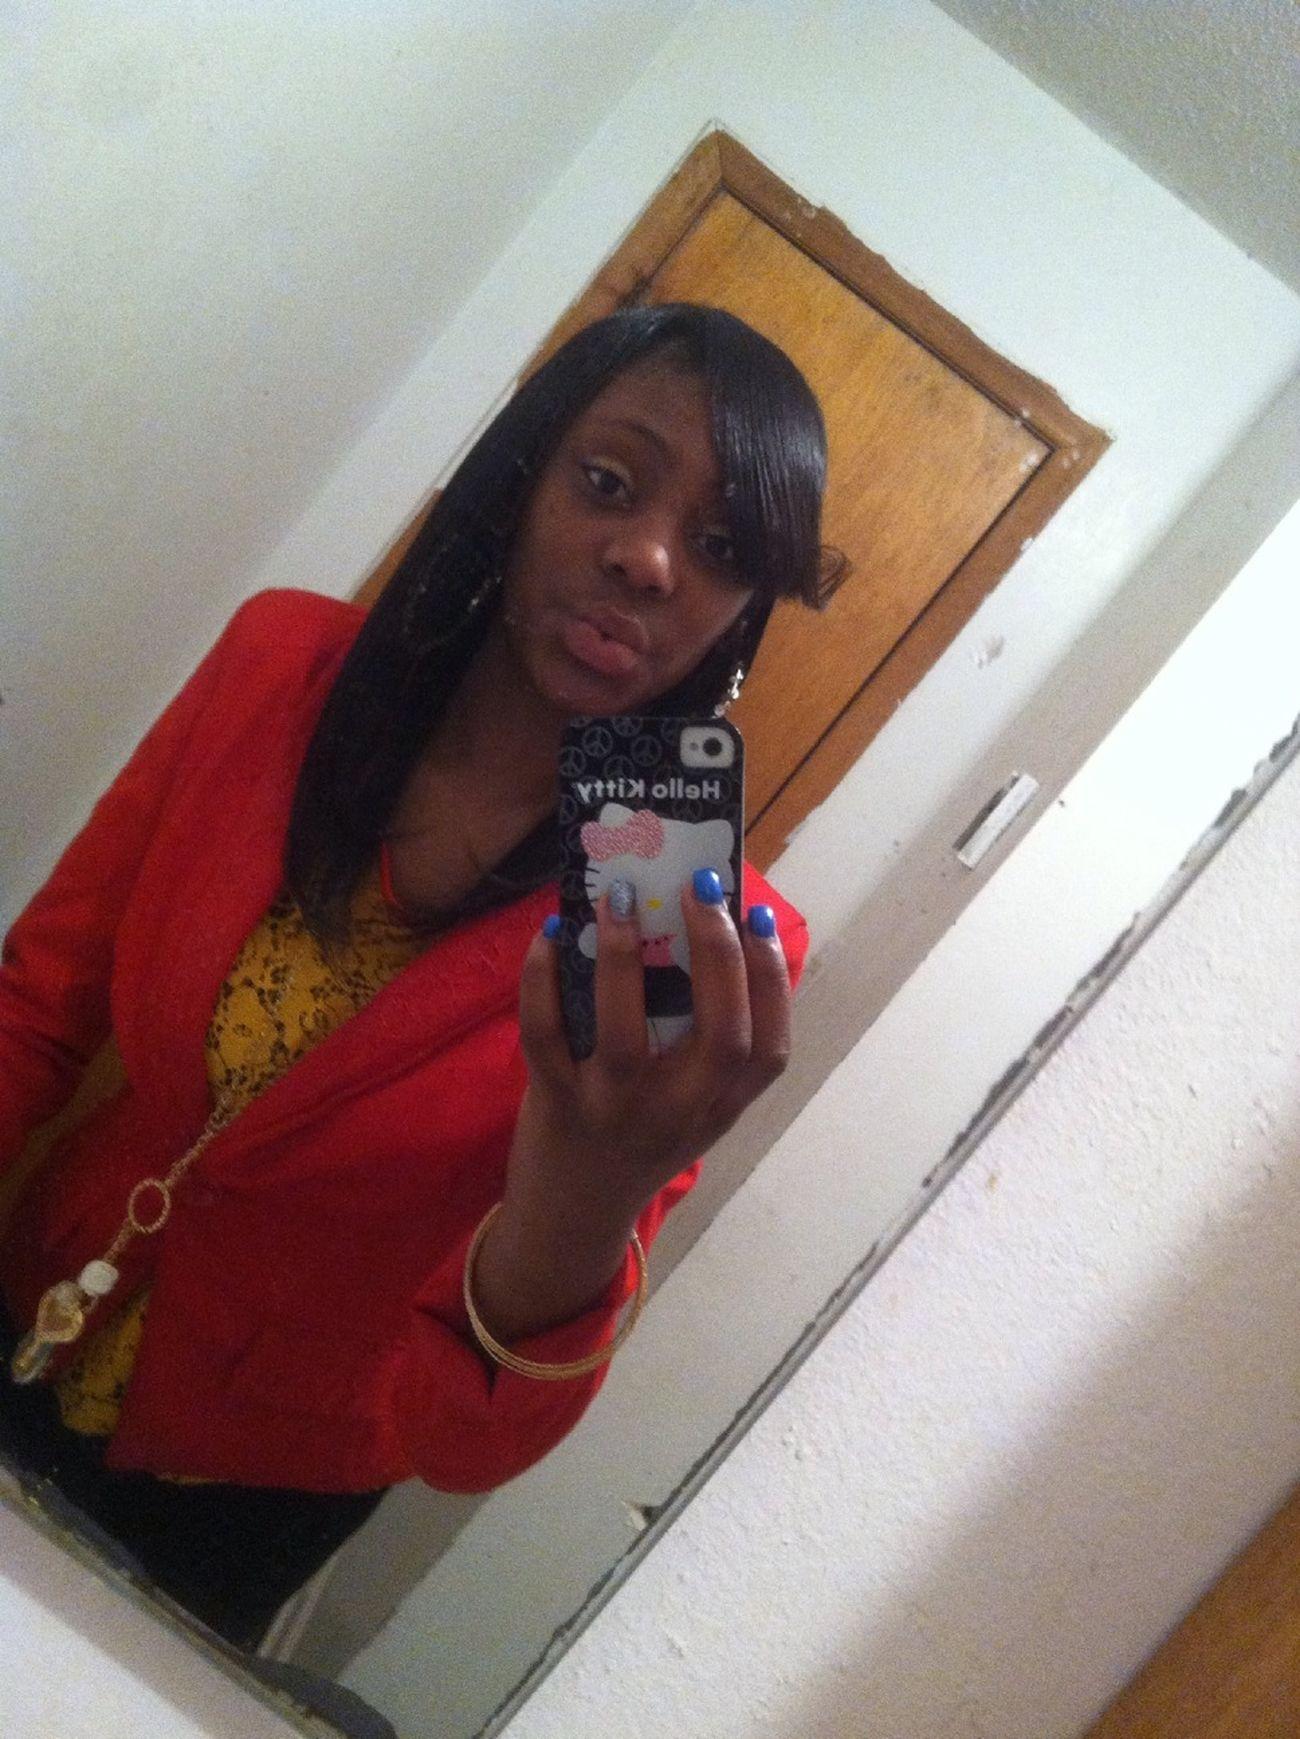 It's Jayy :)